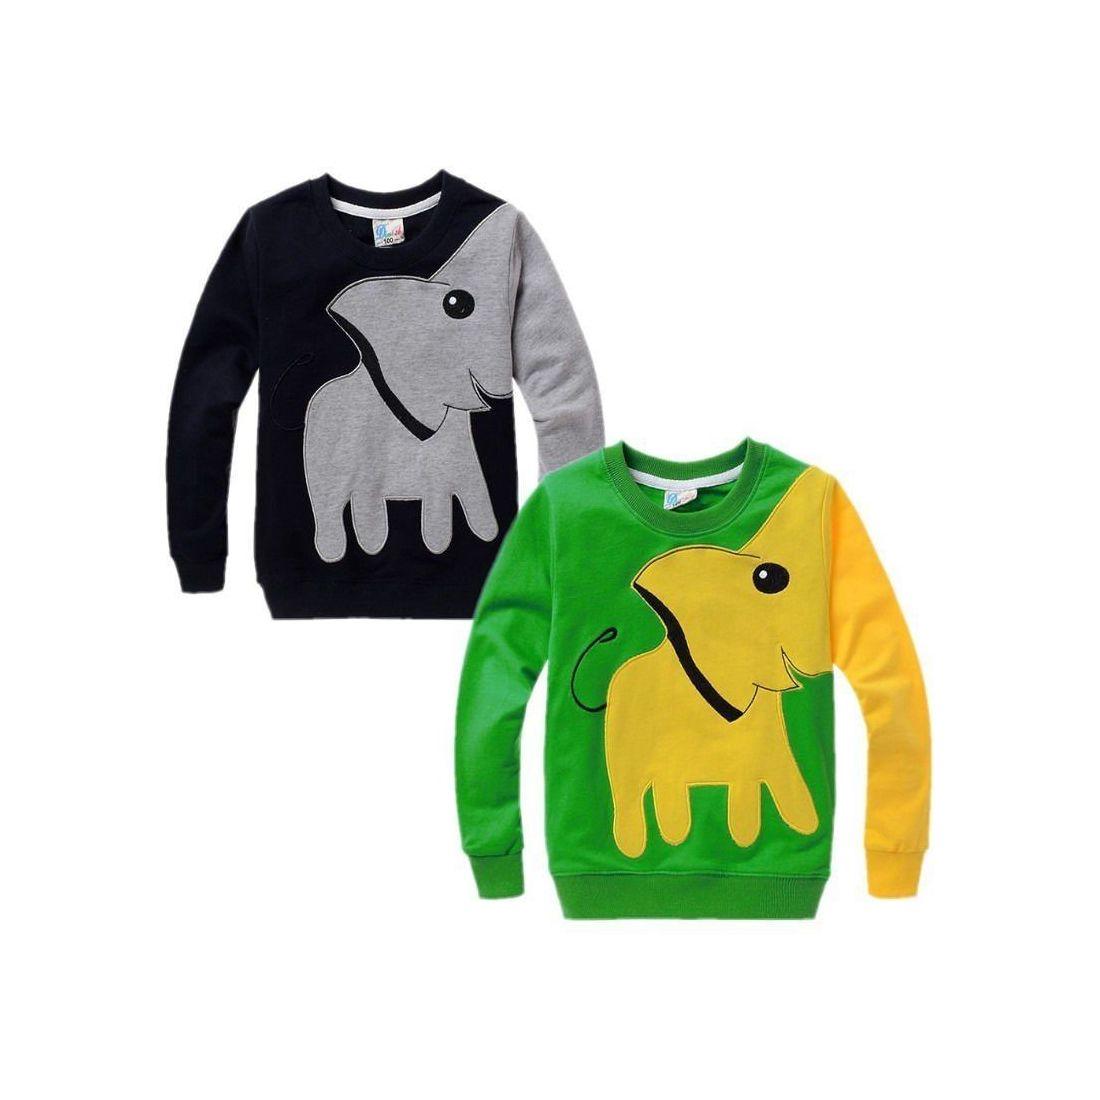 Dárky od Nikolky - Dětské oblečení - na objednání - tričko 8594302beb